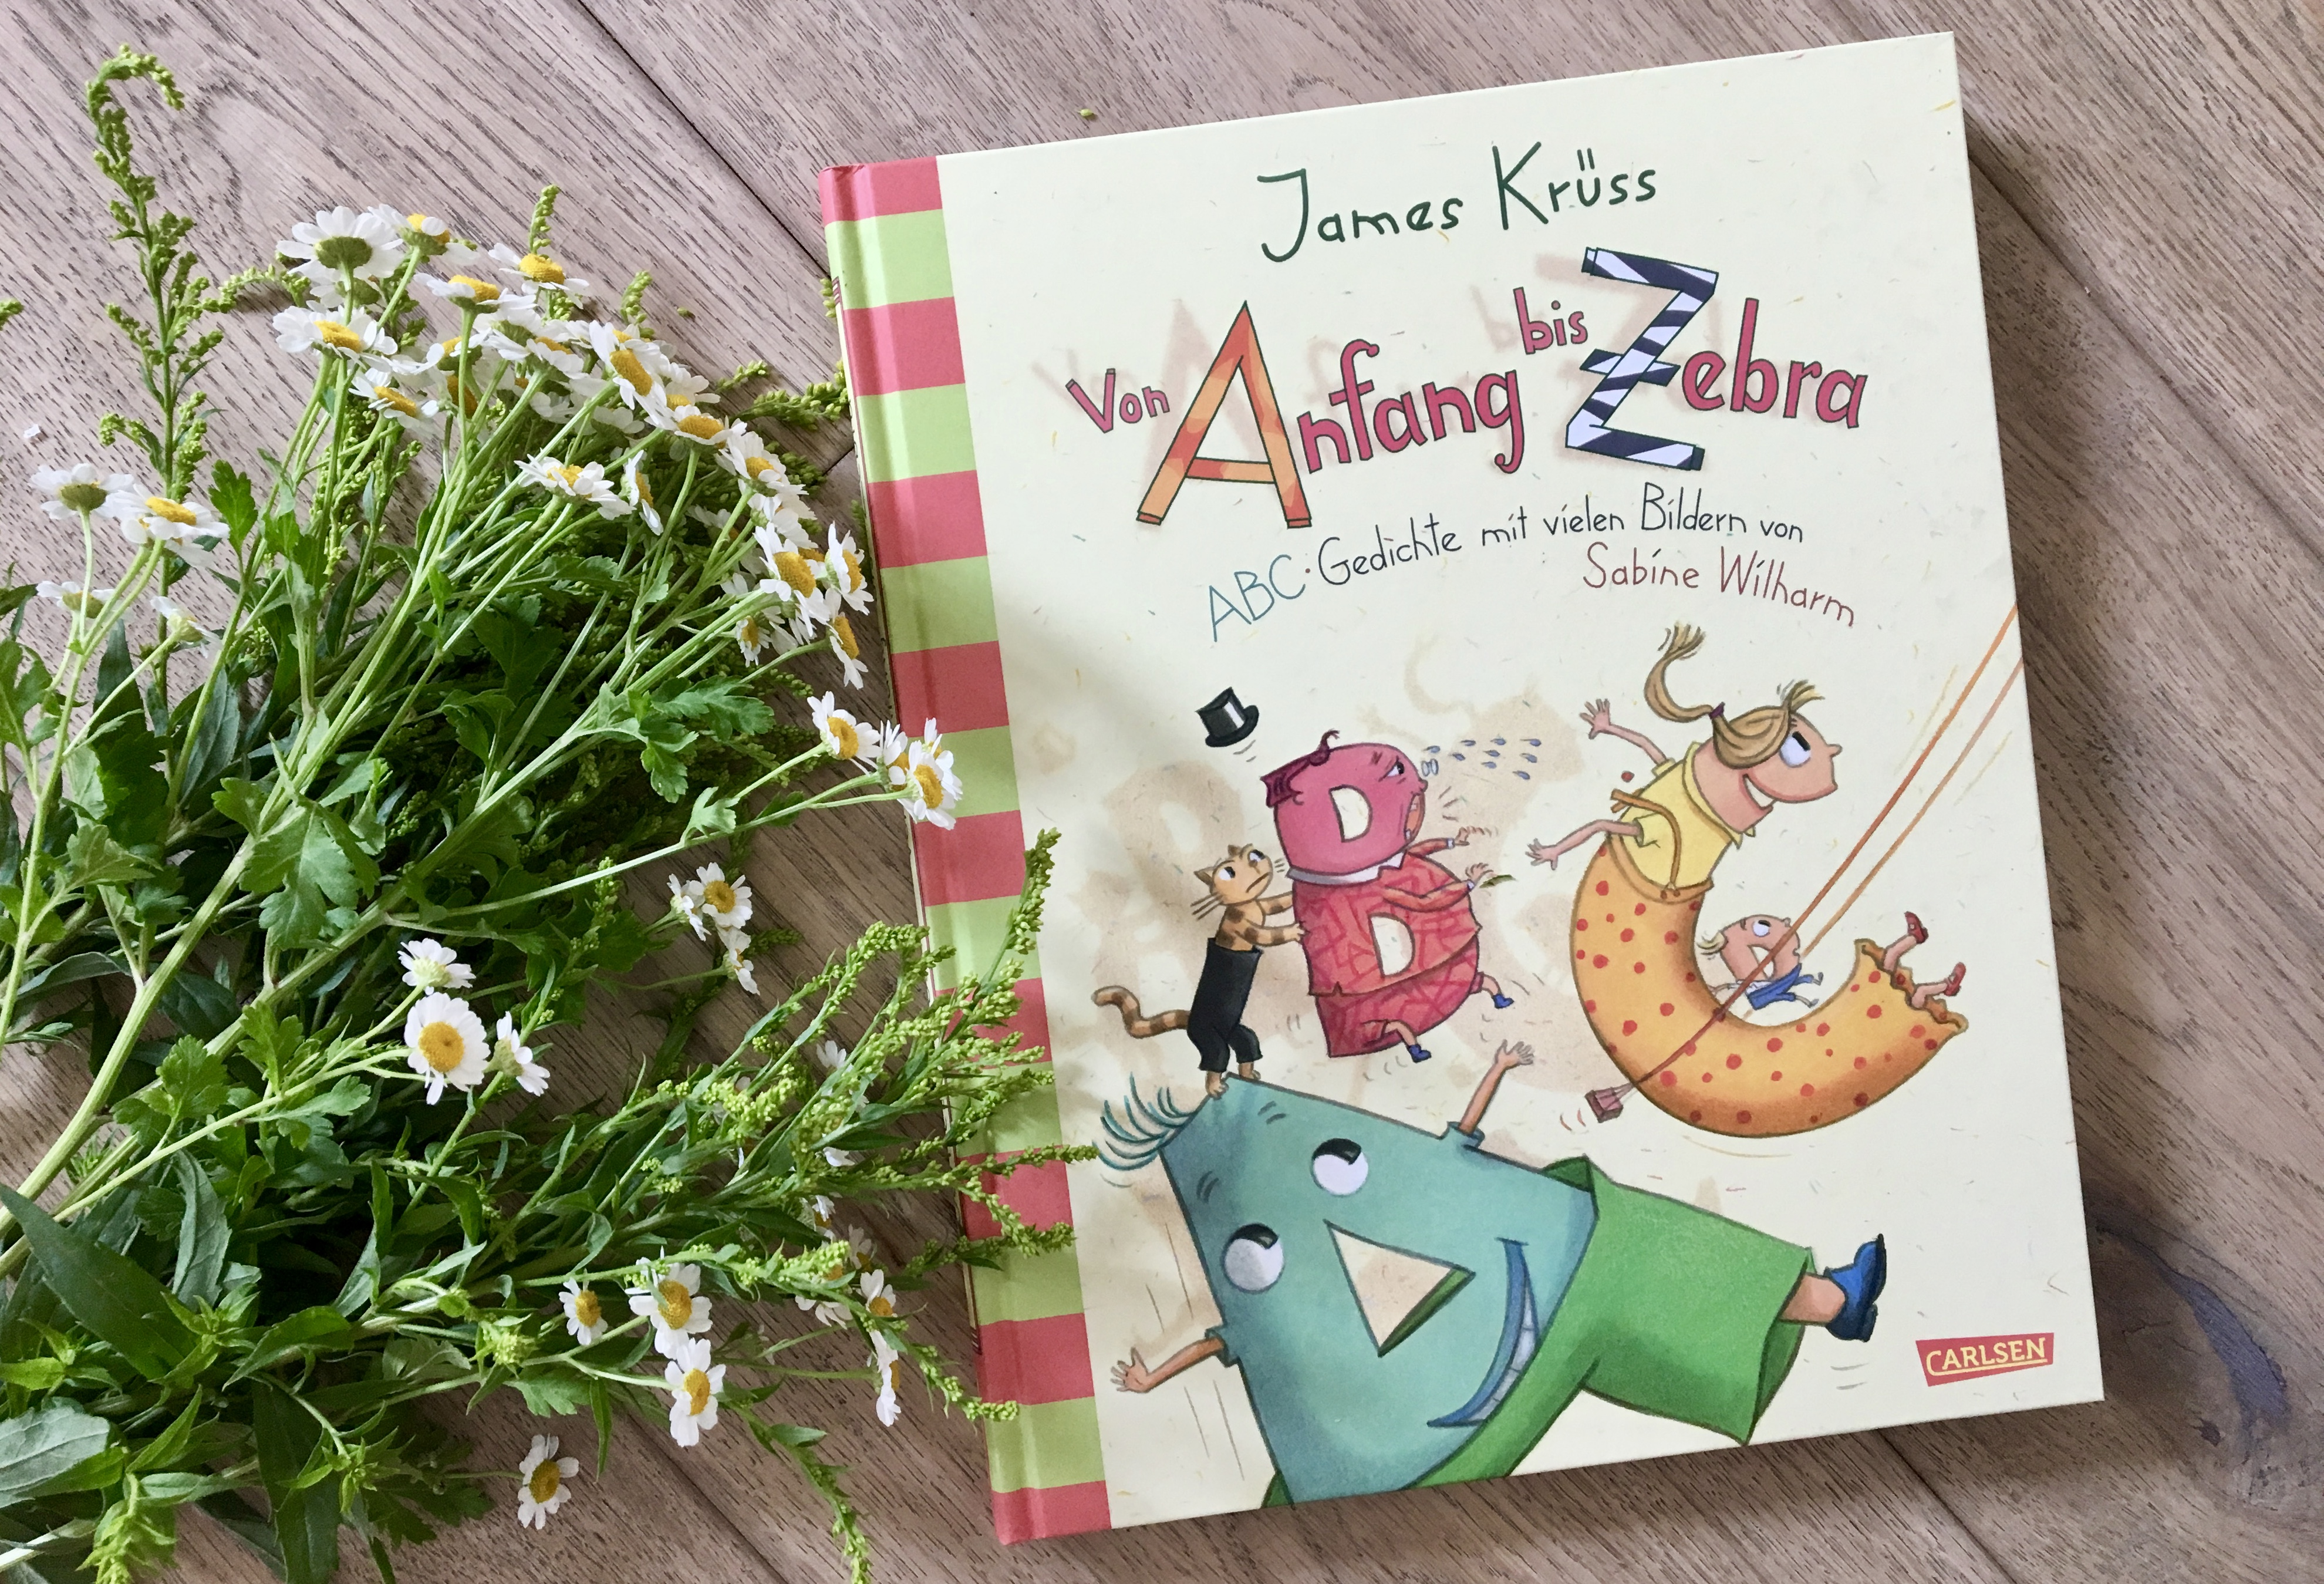 Von Anfang bis Zebra on James Krüss (Text) und Sabine Wilharm (Illustration)